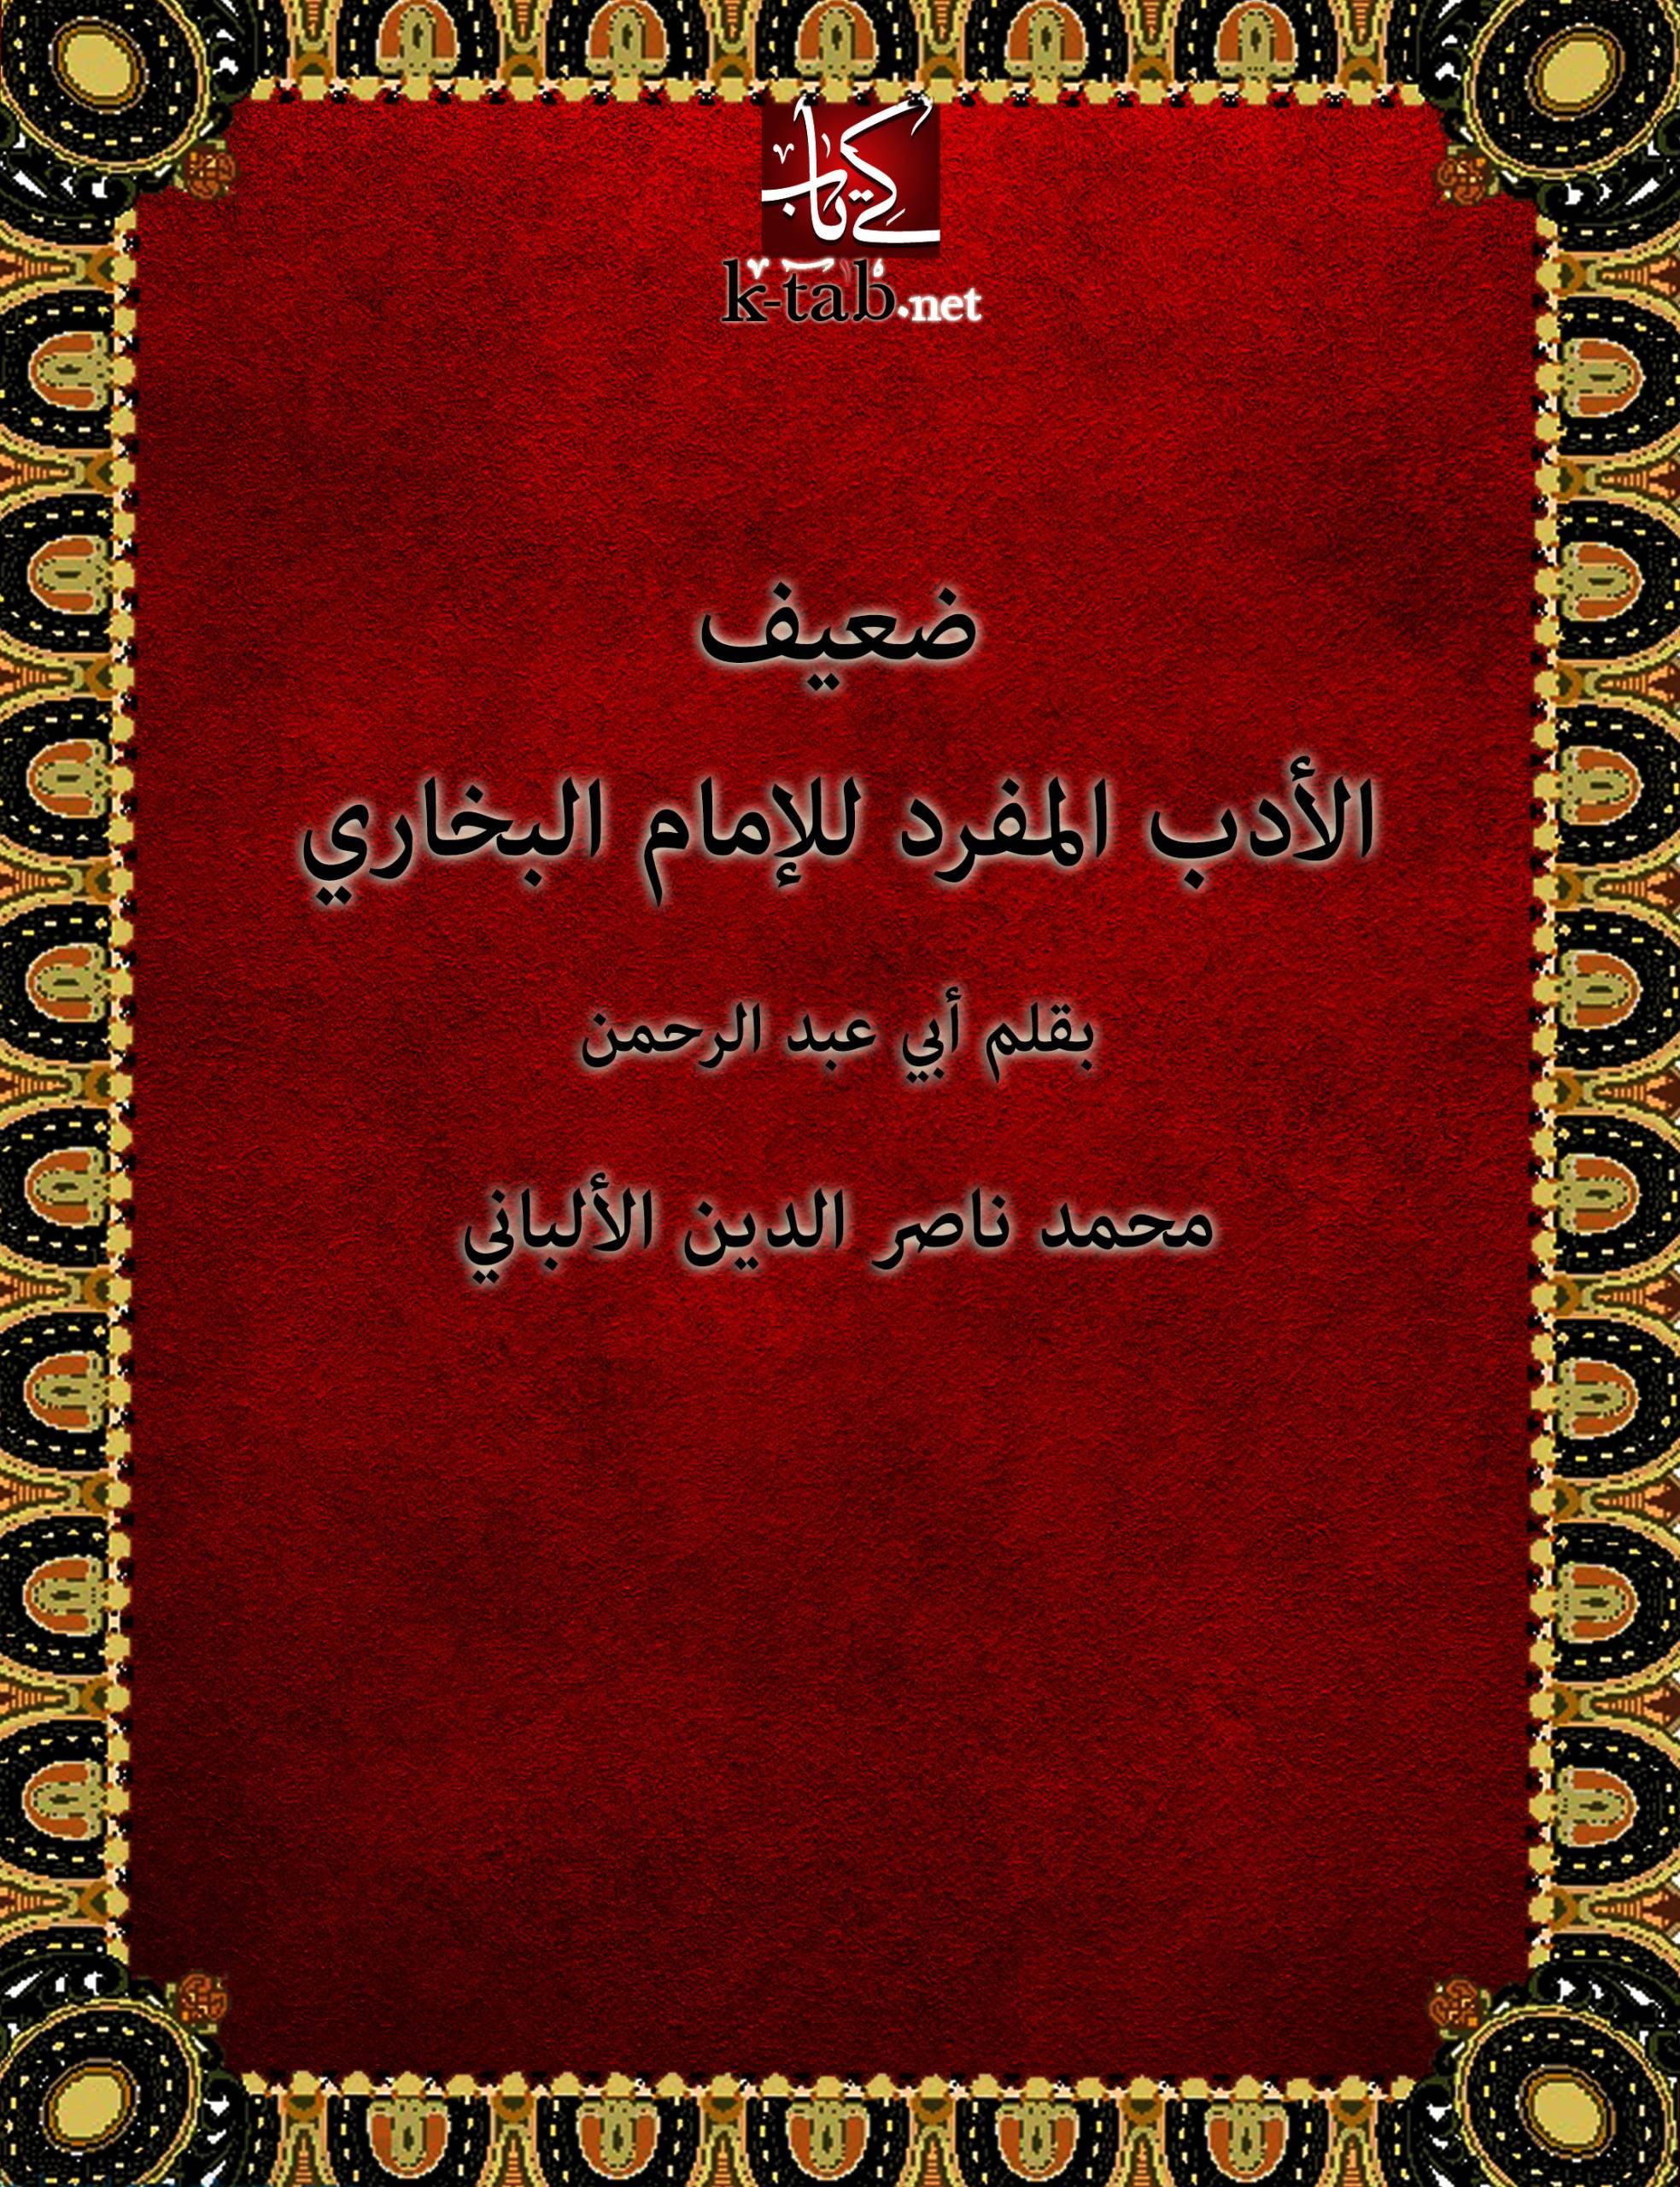 ضعيف الأدب المفرد للإمام البخارى